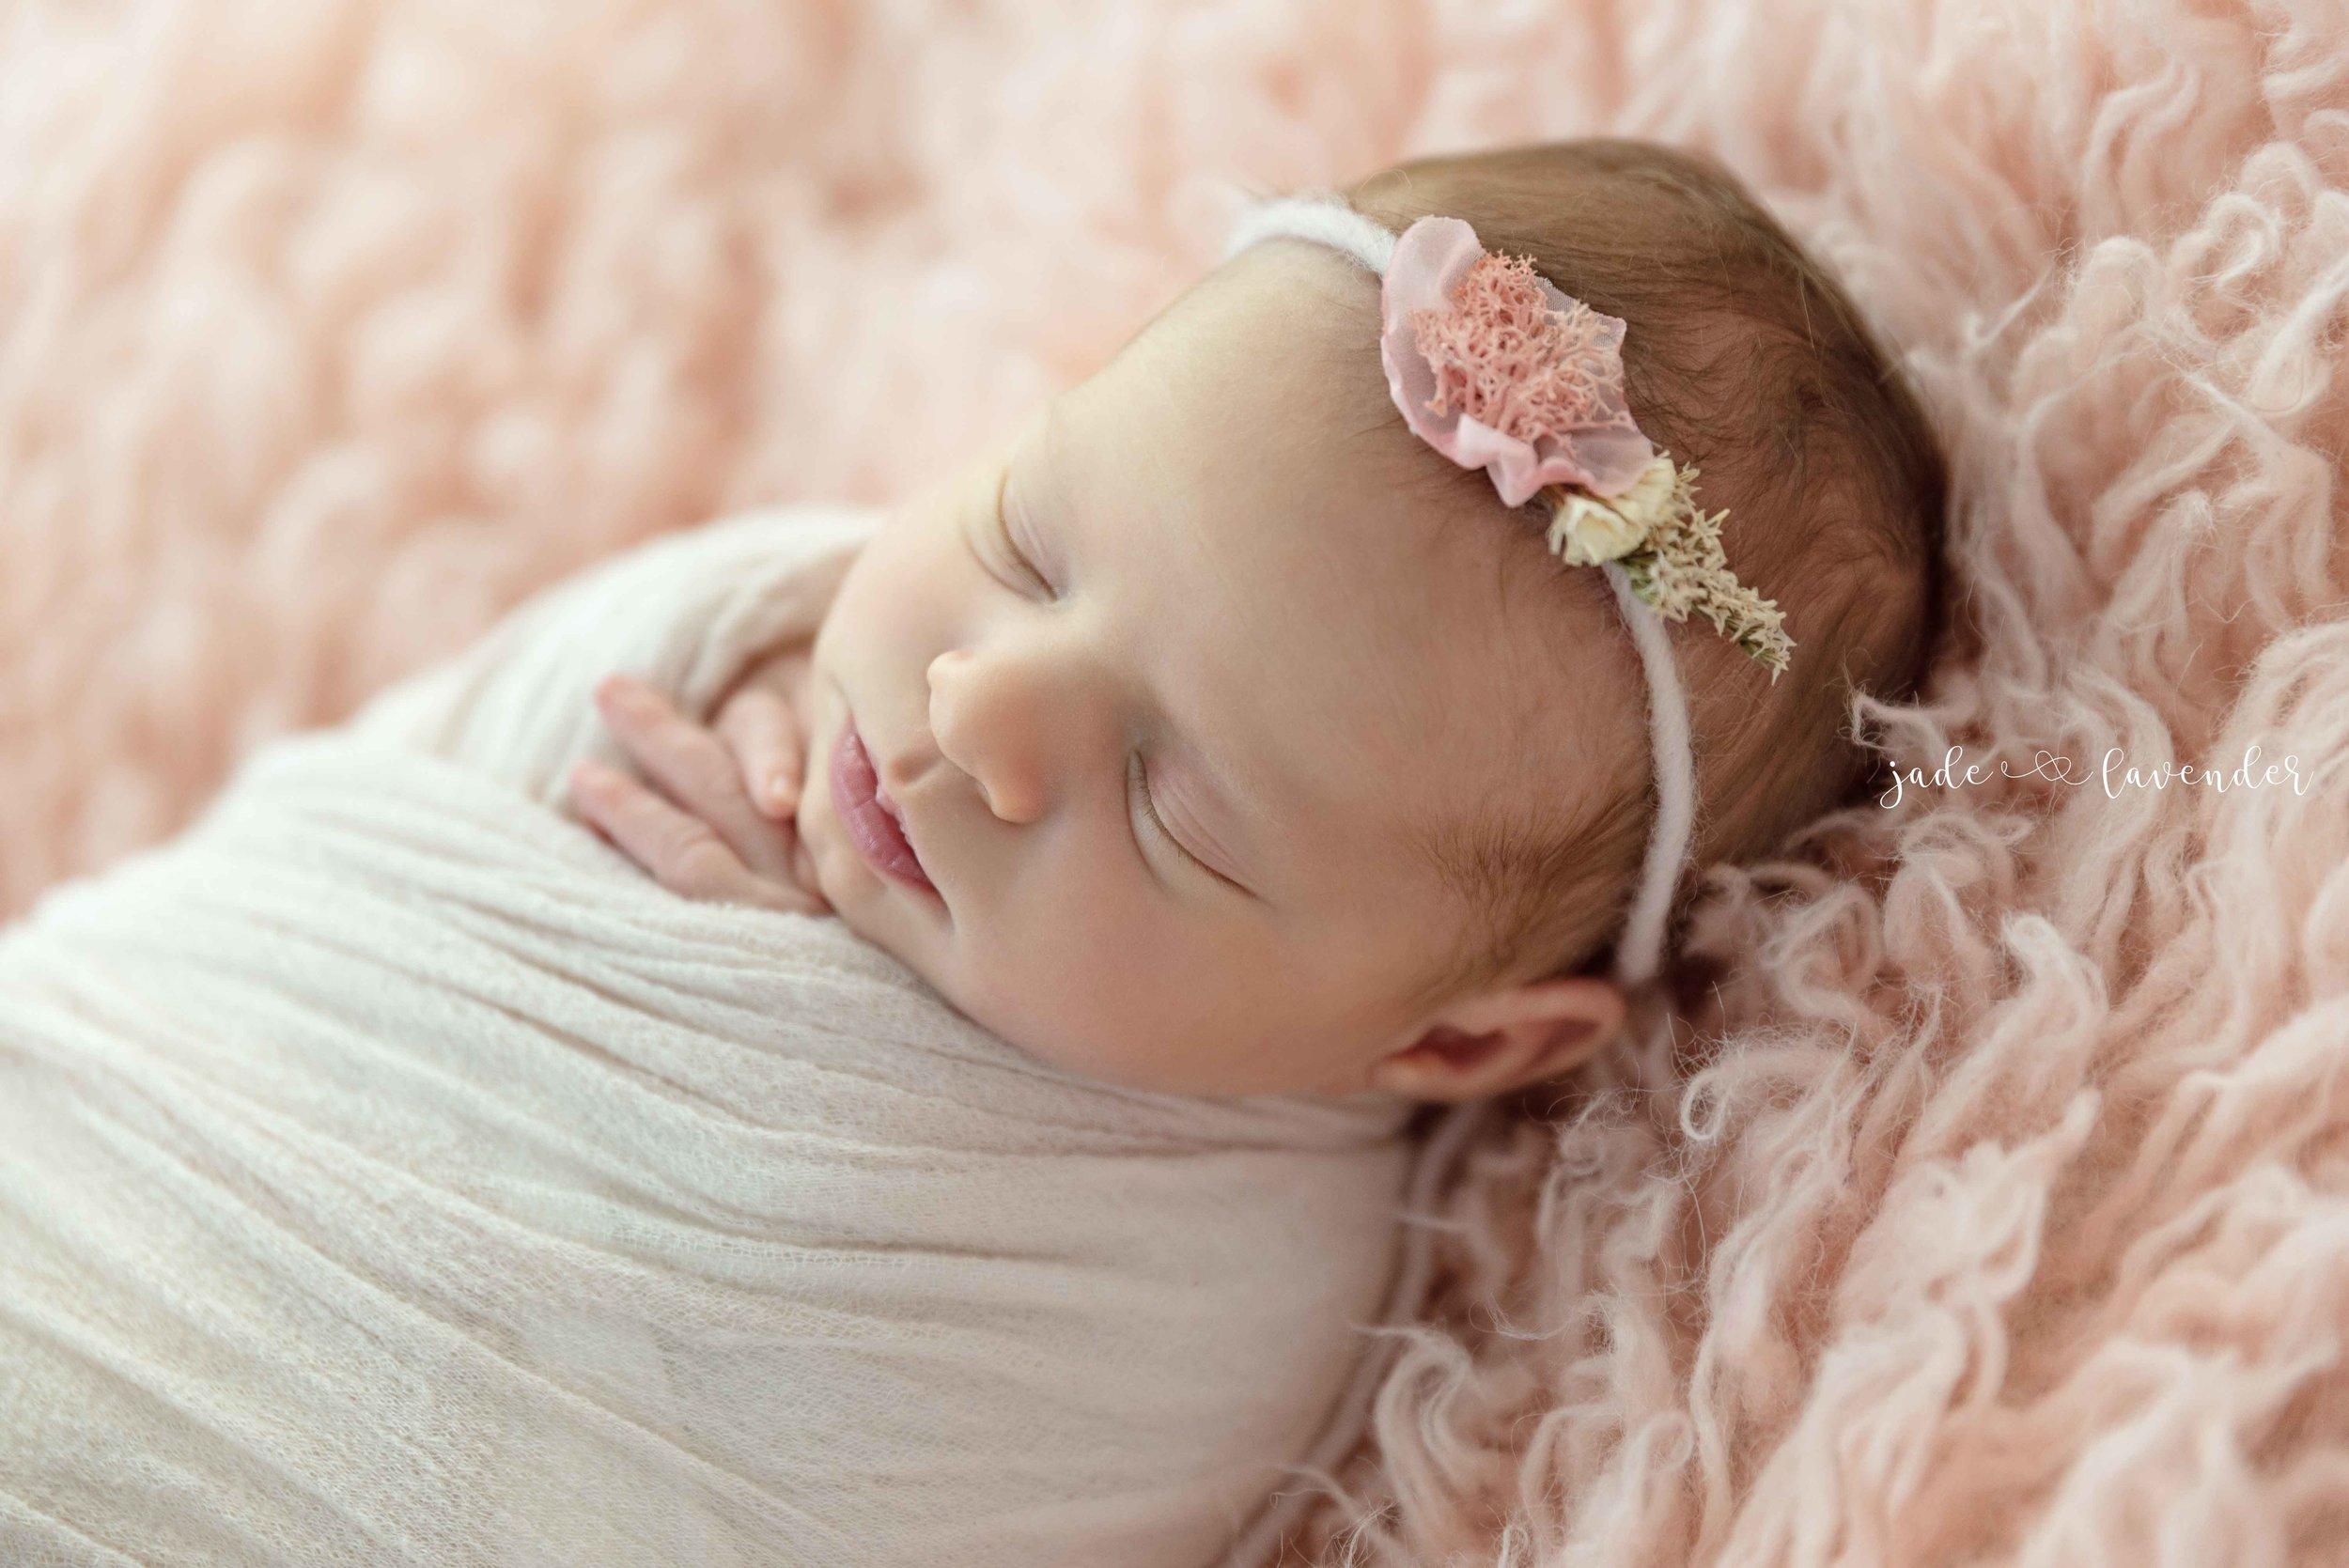 baby-images-infant-photos-photogrpahy-professional-newborn-photoshoot-local-spokane-washington (5 of 6).jpg